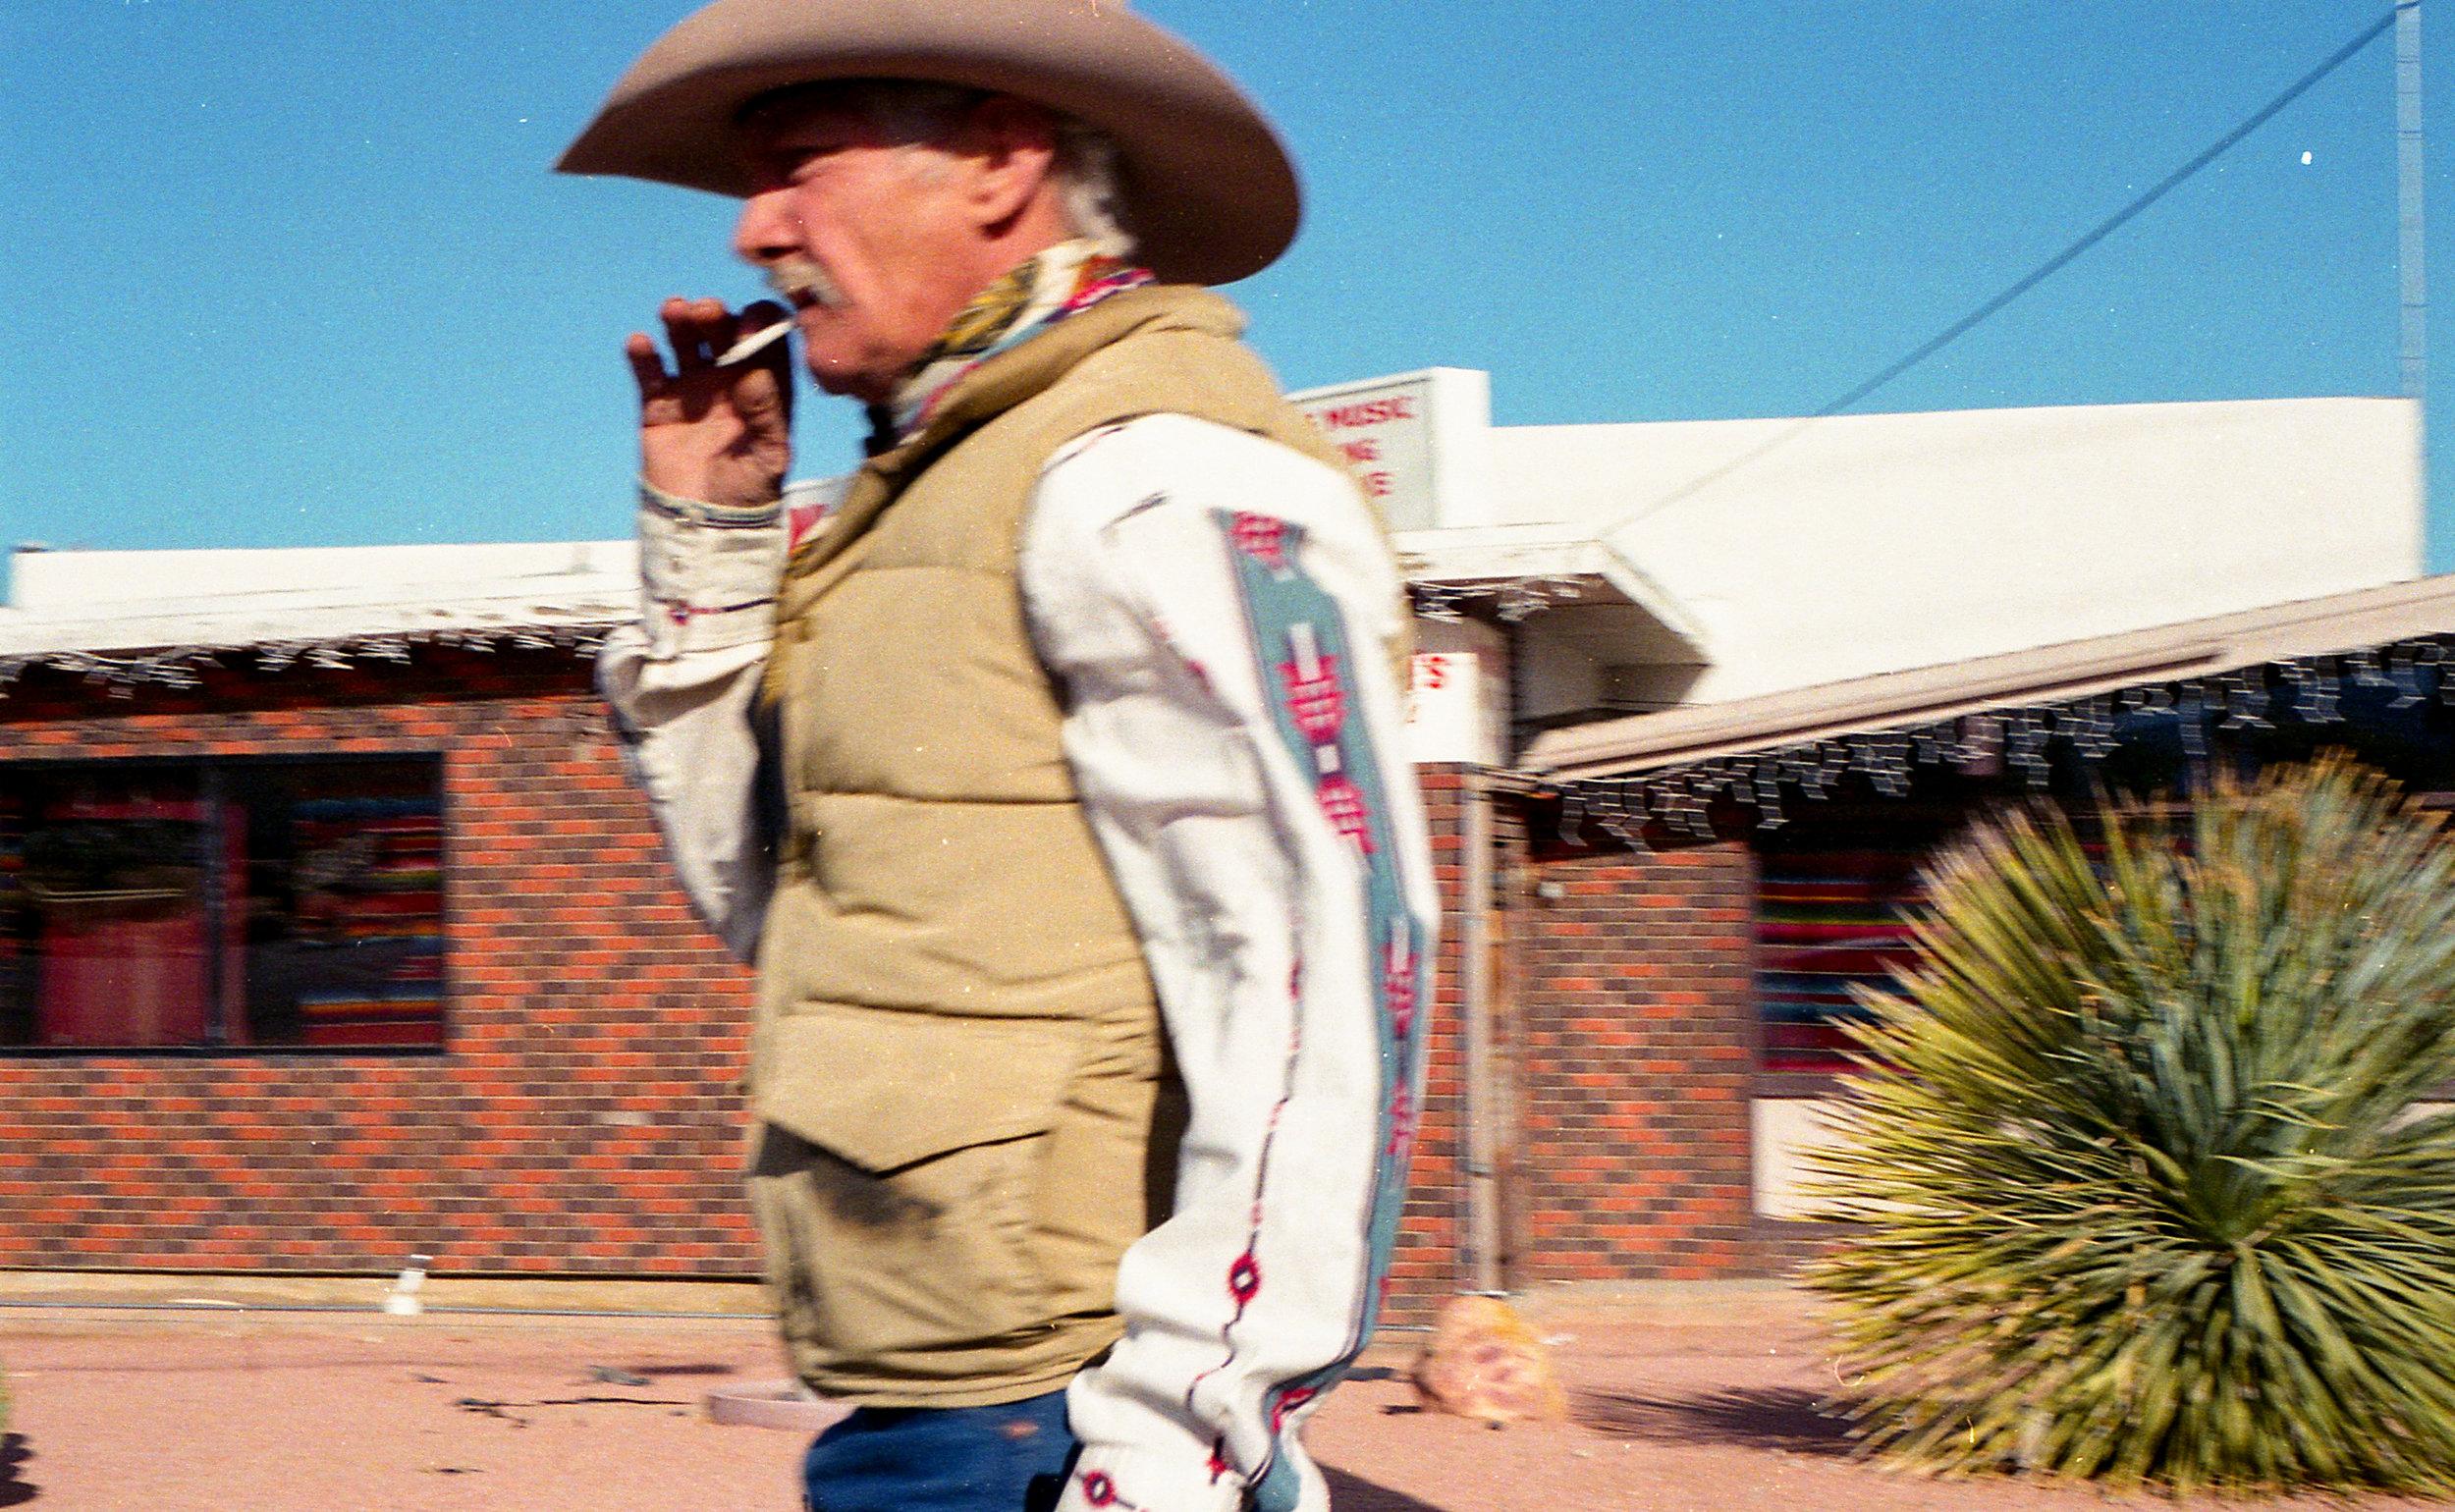 Urban Cowboy | Pecos, Texas 2014